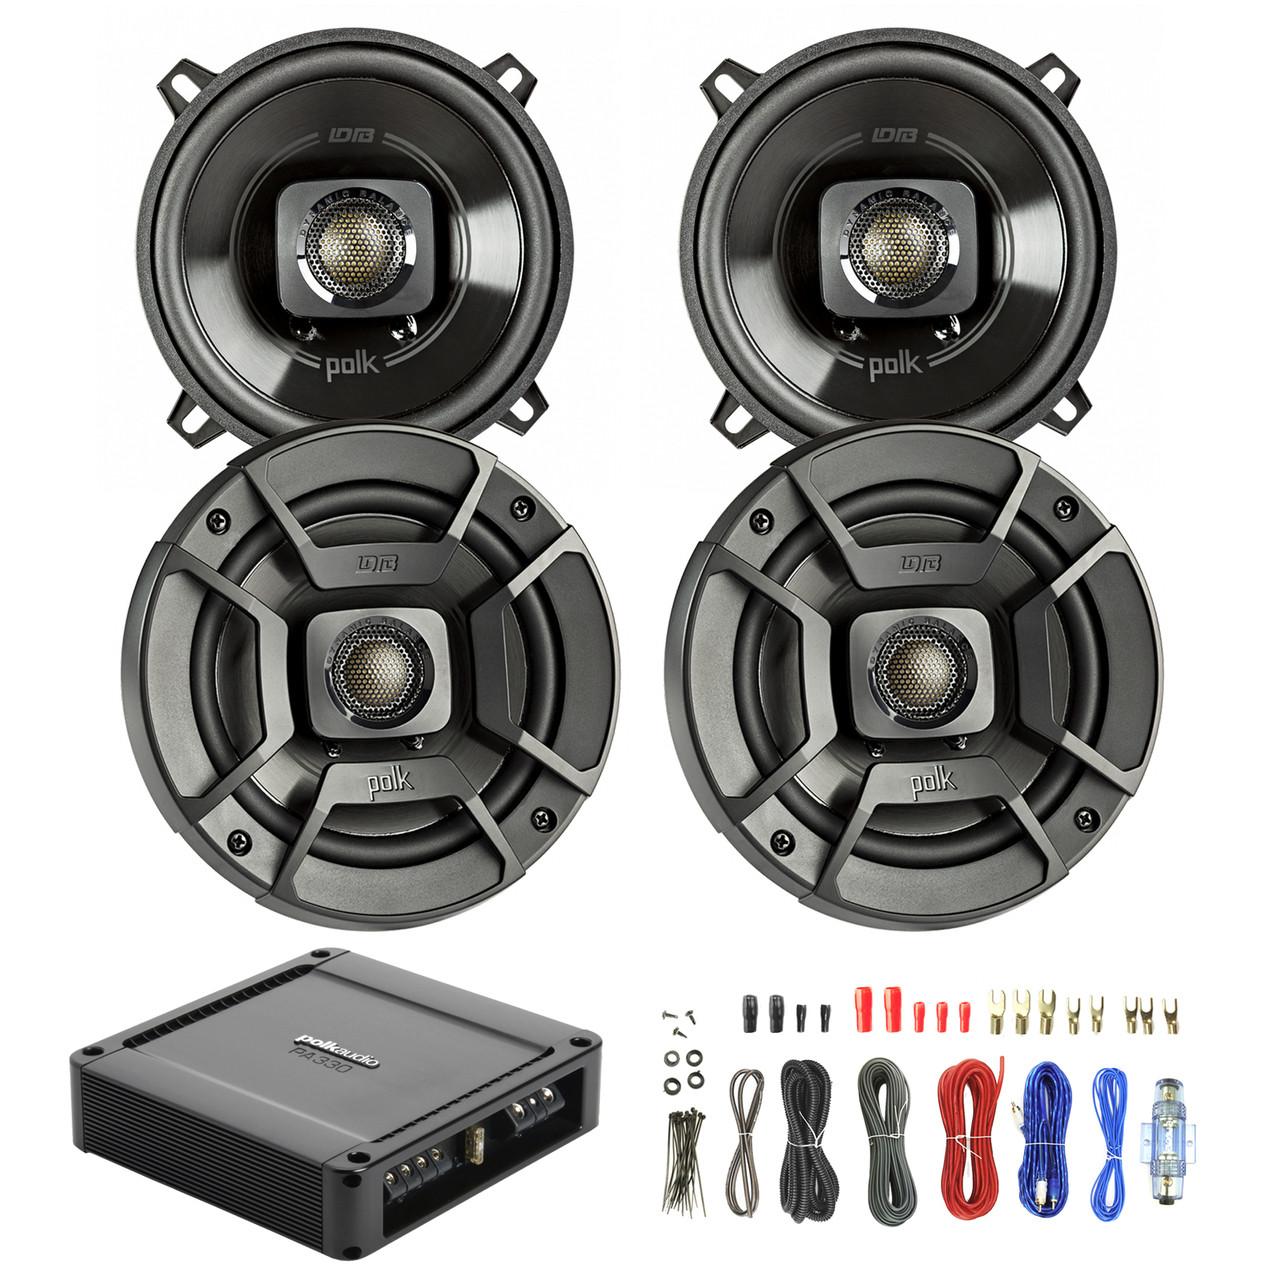 4x polk audio db522 5 25 inch 300 watt 2 way speakers new [ 1280 x 1280 Pixel ]